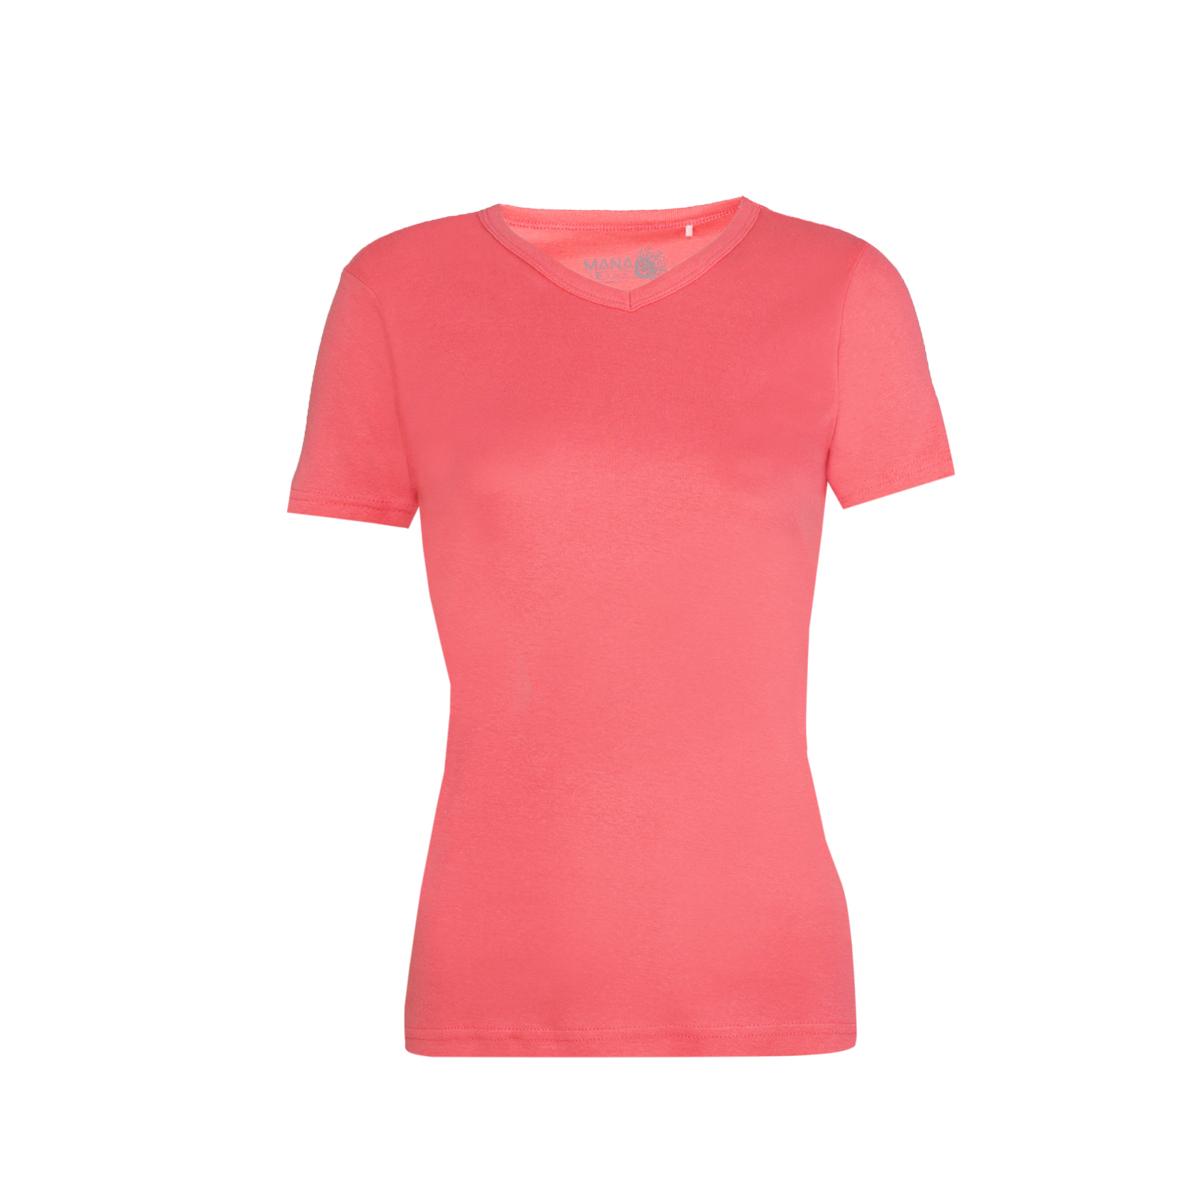 Ženska majica, roza